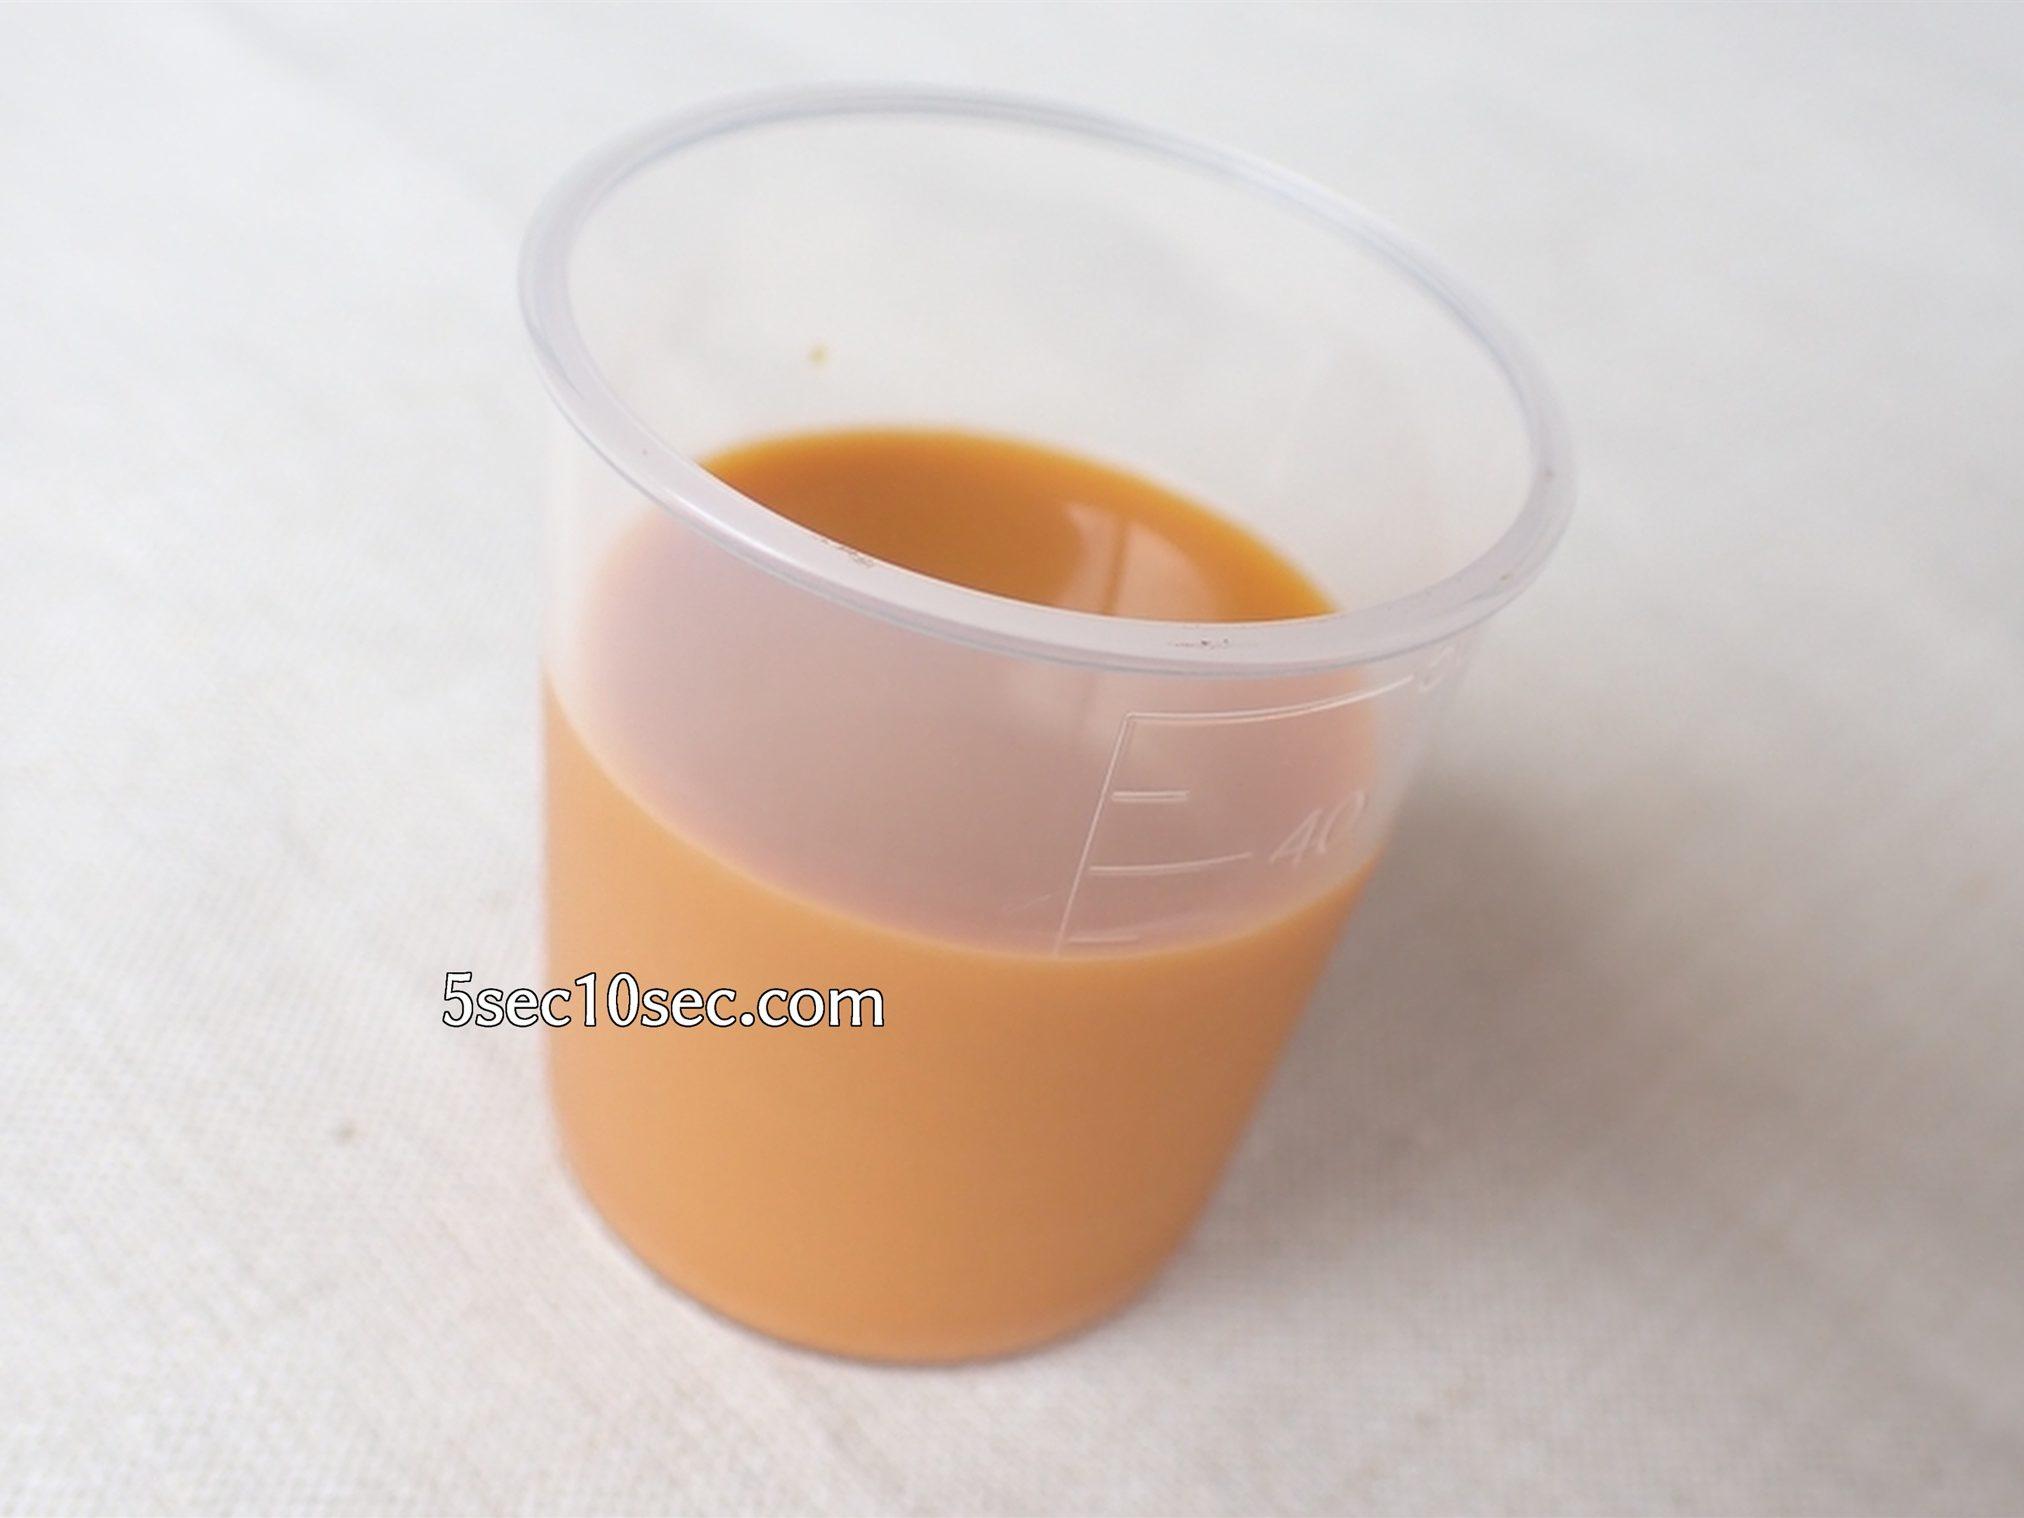 株式会社フィネス 黄酸汁 豊潤サジー 中身の写真、付属の計量カップに出してみた写真